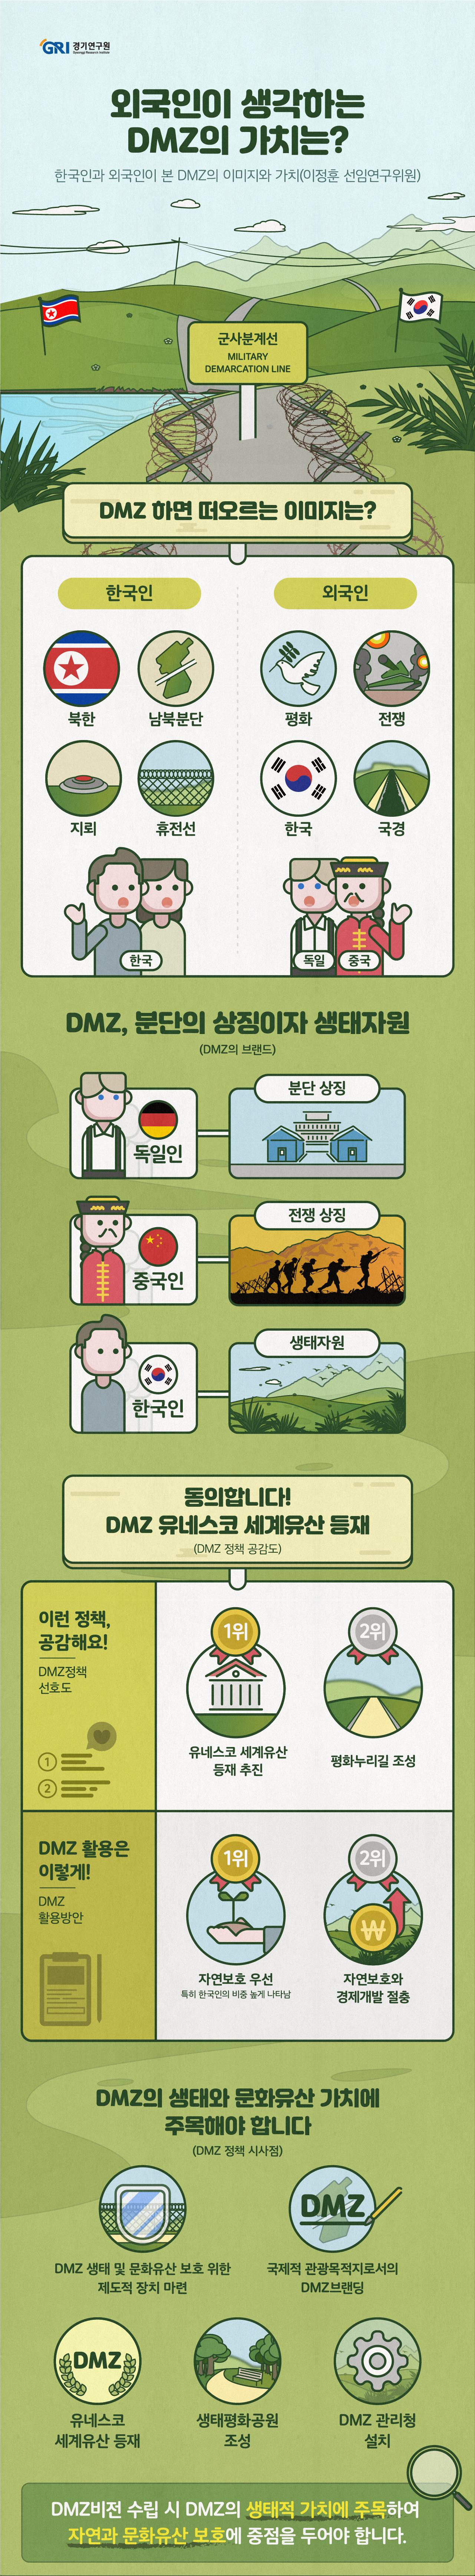 금년 6월 30일 DMZ에서 이루어진 트럼프 미국 대통령과 김정은 북한 국방위원장의 만남에 전 세계가 주목하였다. 이는 1953년 정전협정으로 DMZ가 설정된 이래 가장 큰 이벤트였다. 정전협정 이후 오랫동안 DMZ는 중무장화되었으며 잦은 군사적 충돌이 있었다. 사람의 출입을 통제한 덕분에 DMZ는 자연생태계가 온전히 보전되었고, 분단 이전의 역사와 문화유산, 전쟁 유산이 묻혀 있다. 4.27 판문점 선언과 9.19 평양공동 선언에 따라 GP철수 등 DMZ의 평화지대화가 추진되어 왔다. 이러한 흐름 속에서 마지막 냉전유산이자 생태의 보고로서 DMZ의 효용과 가치가 재조명되고 있다. 올바른 정책 수립을 위해서는 DMZ의 이미지와 가치에 대한 정확한 평가가 필요하다. 한국인 500명과 분단경험이 있는 독일, 홍콩-선전인 300명 등 800명에게 설문을 하였다.   한국인은 DMZ하면 북한(8.6%), 분단(8.4%), 지뢰(8.4%)를 떠올렸다. 한국인은 DMZ 브랜드의 특징으로 독특하다(69.7%), 친환경적이다(69.2)라고 생각하고 있으며, 독일인들도 56.6%가 독특하다고 생각하고 있다. 주요 접경지역의 브랜드 가치를 비교해본 결과 독일 그뤼네스반트가 64.6점으로 제일 높았으며 DMZ는 56.4점으로 낮았다. DMZ를 대표하는 핵심키워드는 전쟁(41.3%), 평화(41.0)로 나타났다. DMZ의 개발 및 활용 방향에서 한국인은 자연보호우선(54.4%)을 선택한 반면 독일인은 자연보호와 경제개발 절충(48.7%)을 선택하였다. DMZ 관련 정책 인지도는 평화공원조성, 동의 정도는 UNESCO 세계유산 등재가 가장 높았다. 한국 방문 경험이 있는 외국인 응답자 중 55.3%가 DMZ를 방문한 적이 있으며 특히 독일인은 75.8%로 방문률이 매우 높다. 빅데이터로 분석한 DMZ는 북미정상회동 등 주요 이벤트와 사건 비중이 높다.   향후 DMZ 정책의 시사점은 첫째, DMZ의 생태 및 문화 자원 보호를 위한 제도적 장치를 마련해야 한다. 둘째, 차별성과 독특한 이미지를 기반으로 DMZ를 국제적 관광목적지로 브랜딩해야 한다. 셋째, UNESCO 세계유산 등재, 생태평화공원 조성 등을 통해 사람들의 DMZ 경험을 강화할 필요가 있다. 넷째, 다양한 조직과 부처에서 각자 추진하고 있는 DMZ 사업의 비효율을 해소하기 위해 (가칭)DMZ 관리청을 설치하고 거버넌스를 구축해야 한다.